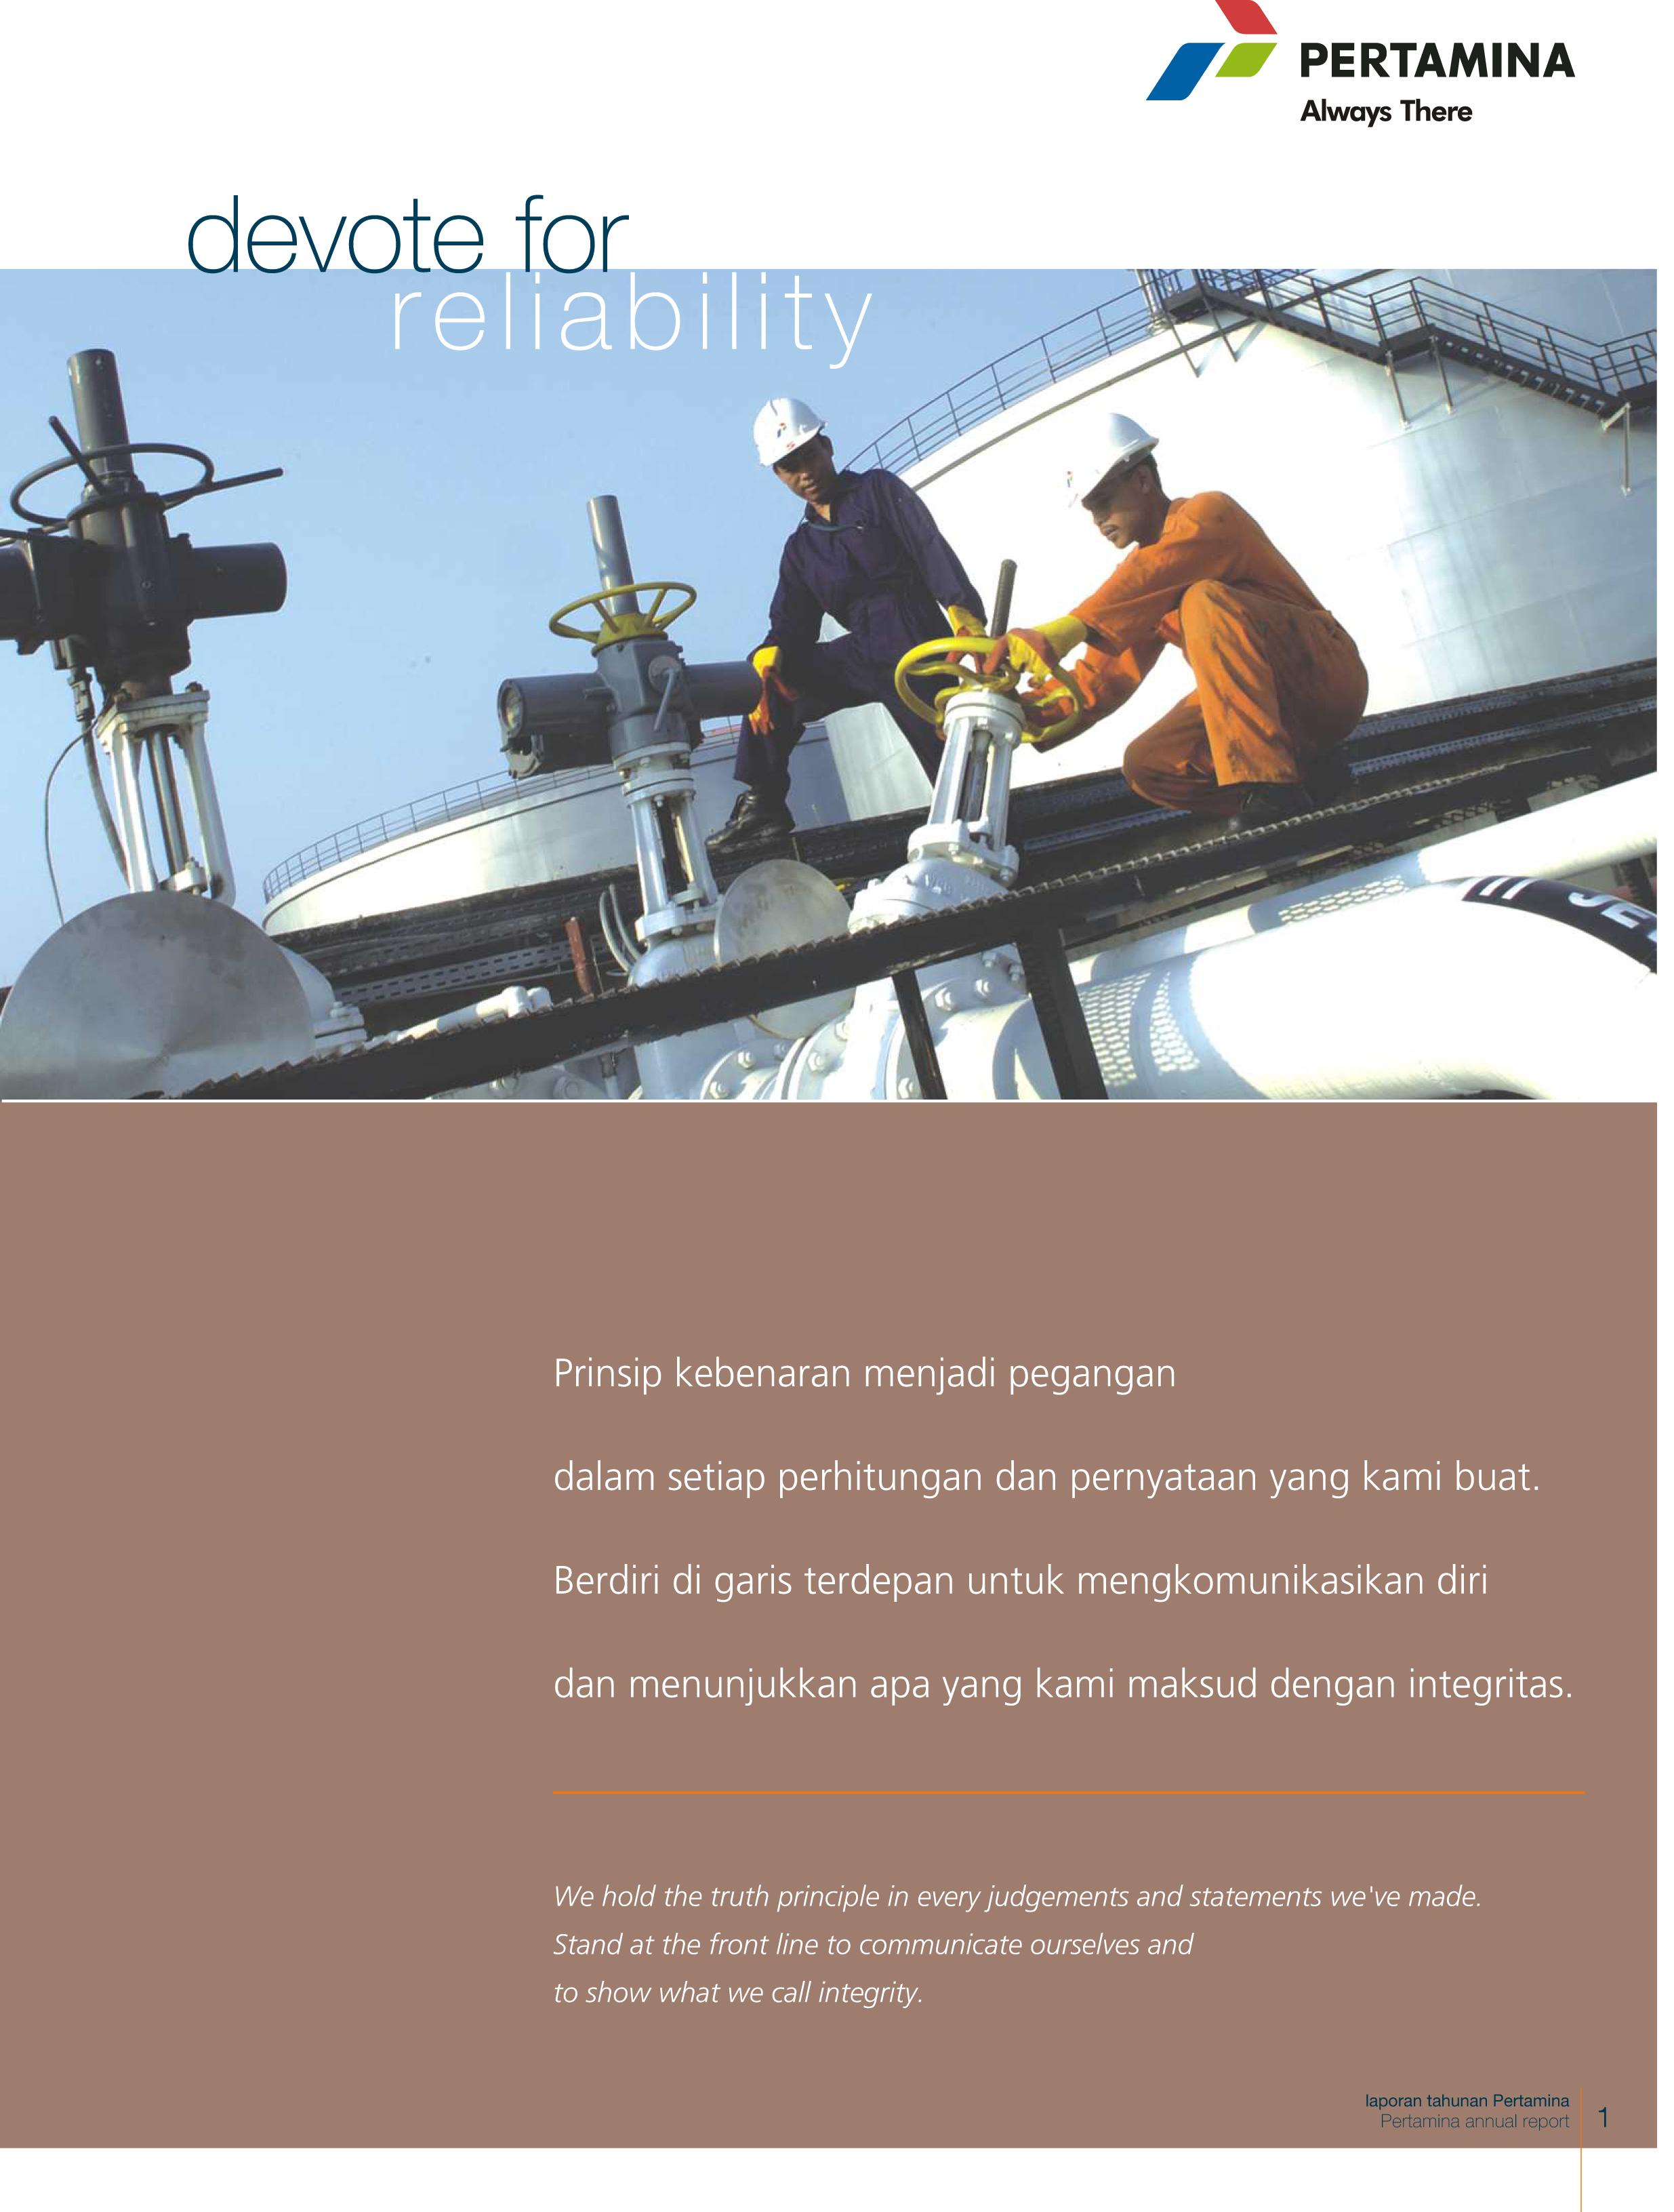 Annual Report Pertamina 2006